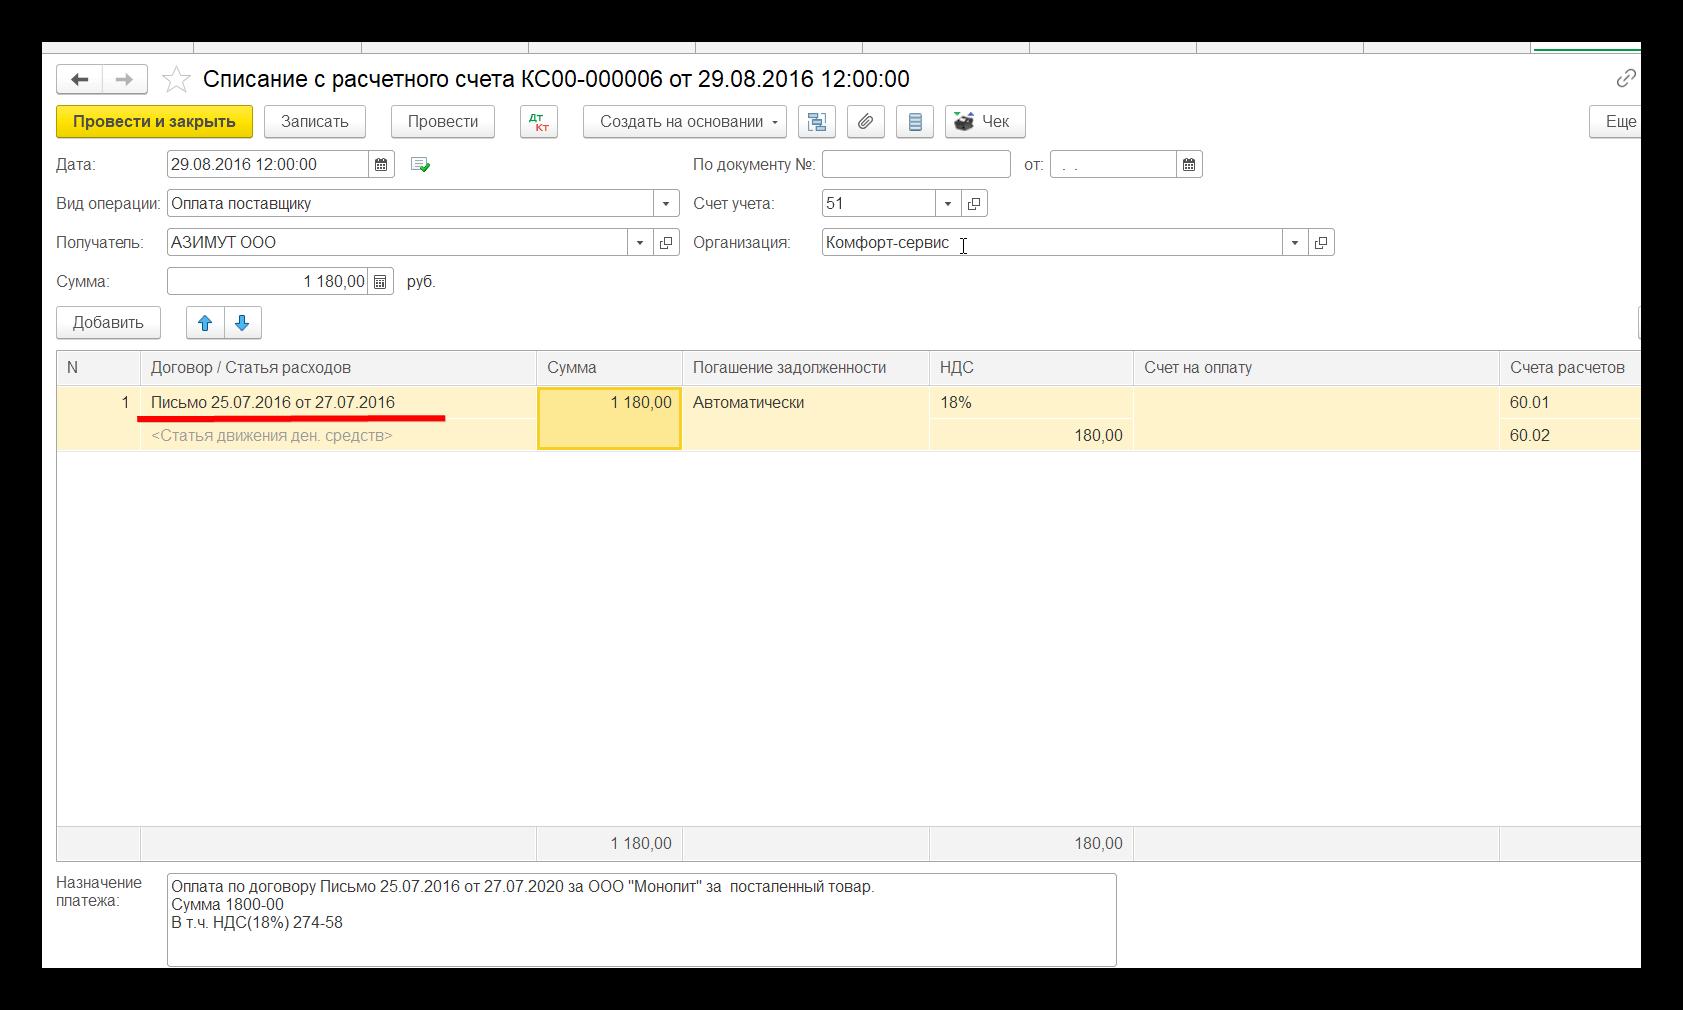 Документ списания с расчетного счета в 1С Бухгалтерия, редакция 3.0